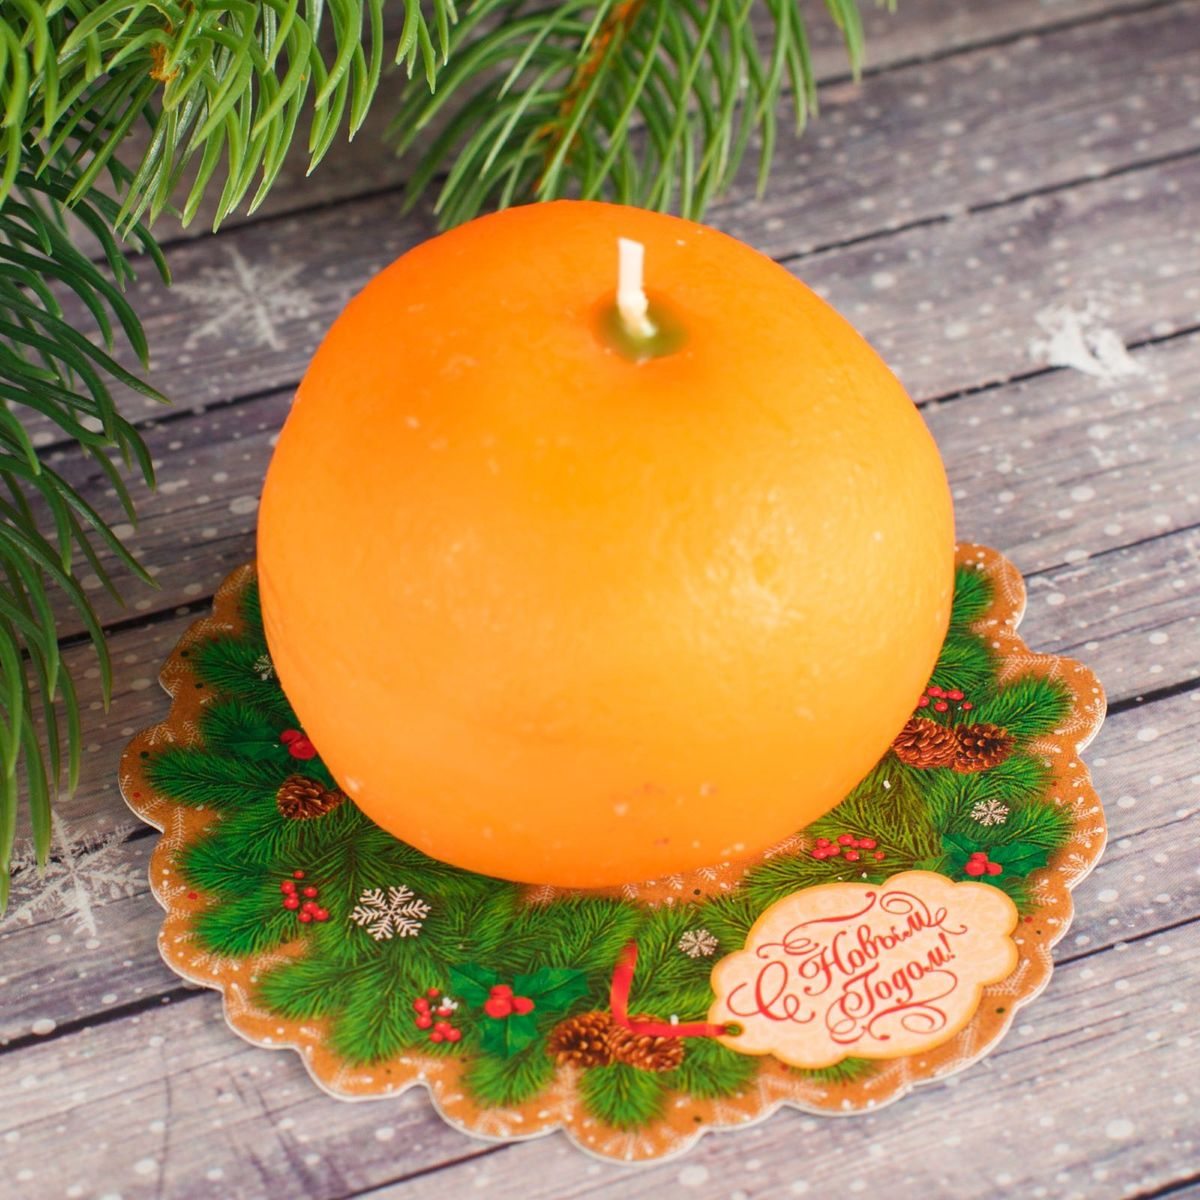 Свеча декоративная Sima-land Мандарин. С Новым годом, цвет: оранжевый, высота 5 см2306773Какой новогодний стол без свечей? Вместе с мандаринами, шампанским и еловыми ветвями они создадут сказочную атмосферу, а их притягательное пламя подарит ощущение уюта и тепла. А еще это отличная идея для подарка! Оградит от невзгод и поможет во всех начинаниях в будущем году. Декоративная свеча Sima-land - символ Нового года. Она несет в себе волшебство и красоту праздника. Такое украшение создаст в вашем доме атмосферу праздника, веселья и радости.